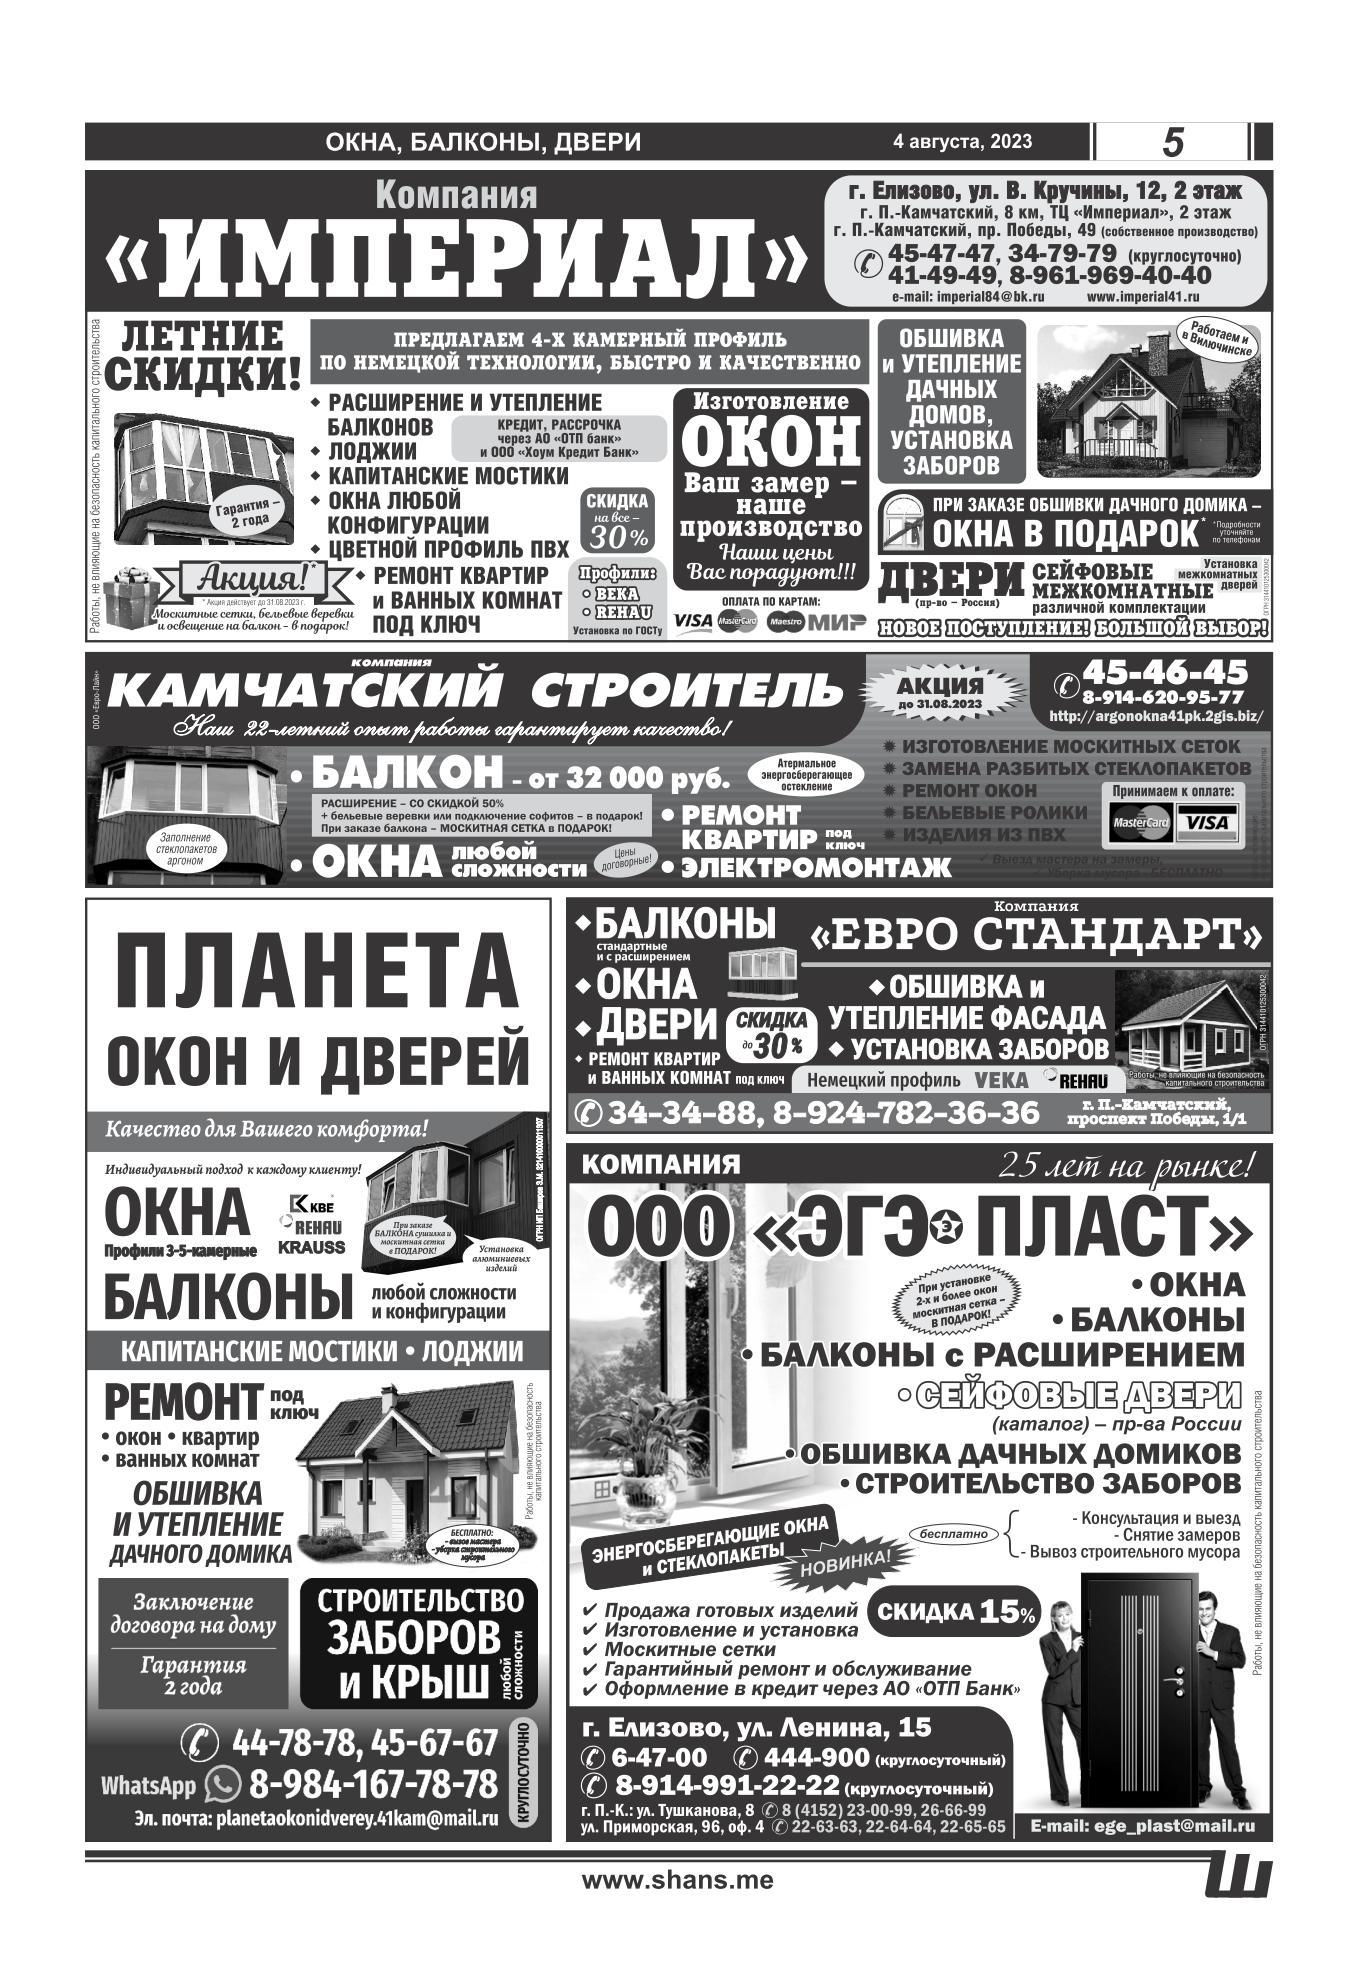 Дать объявление в газету шанс абакан обниская доска объявлений